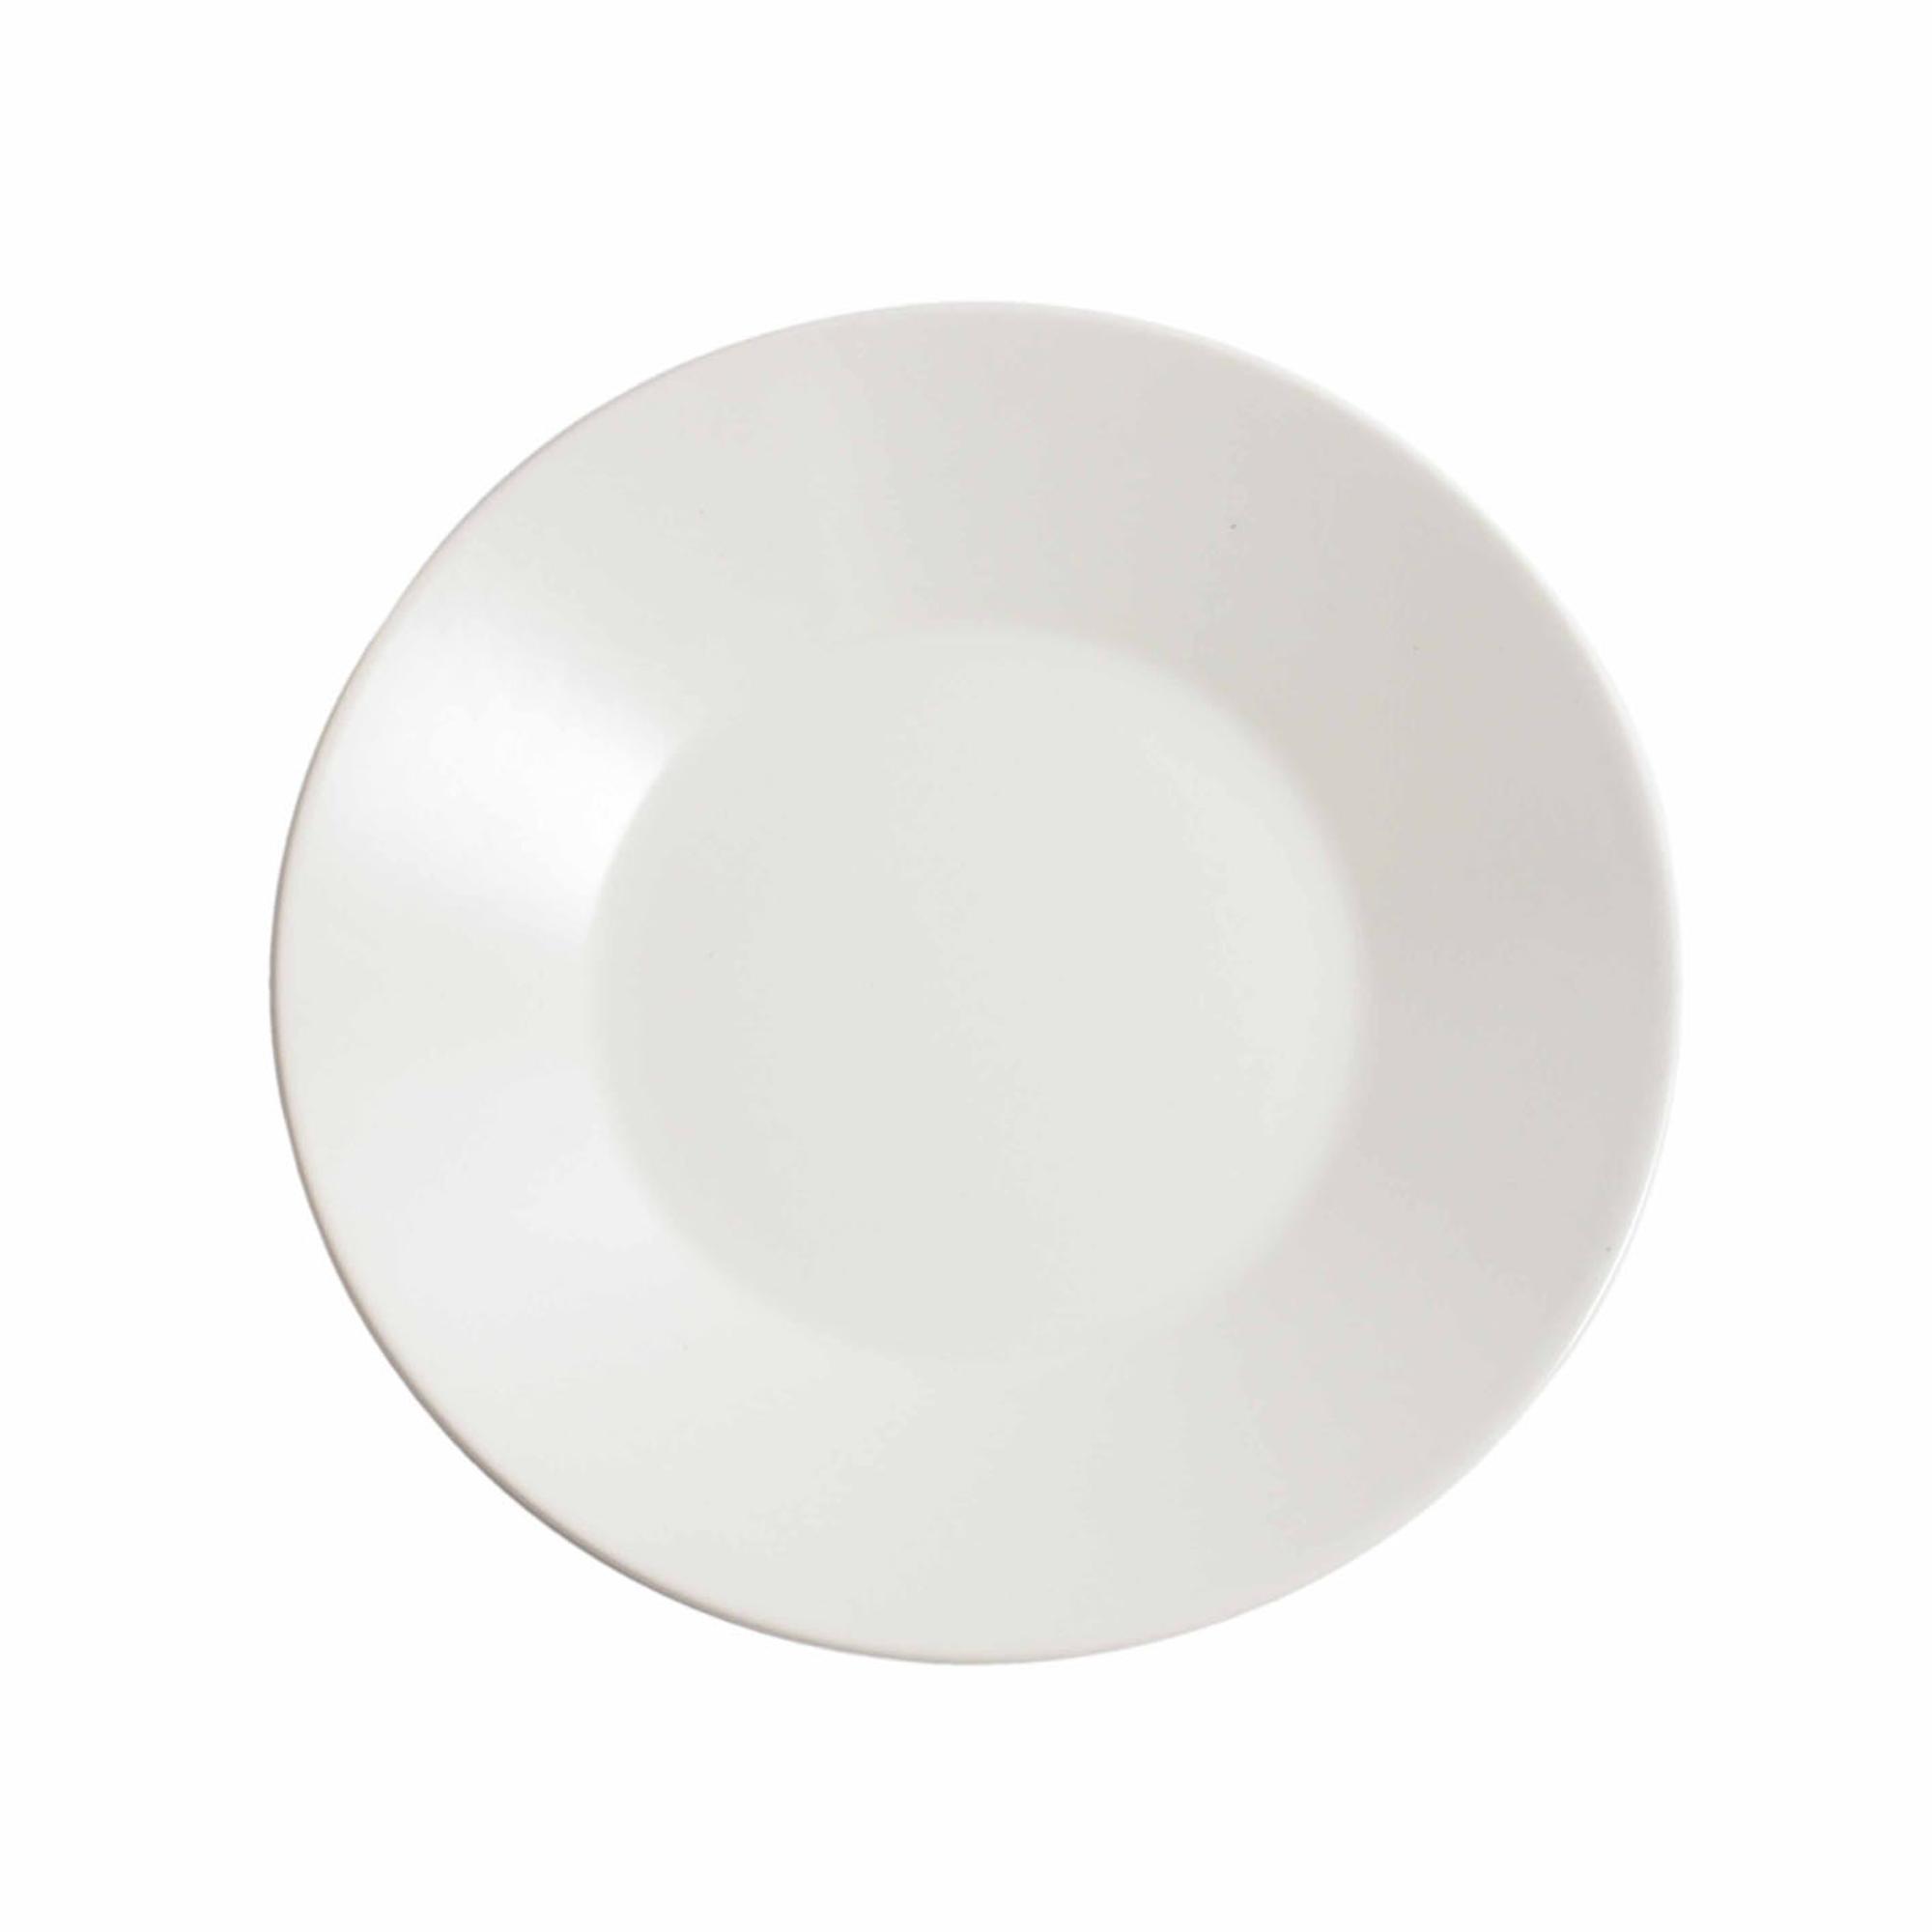 Piatto piano da Frutta rotondo 6 pezzi in Gres Bianco 21 CM in colore bianco